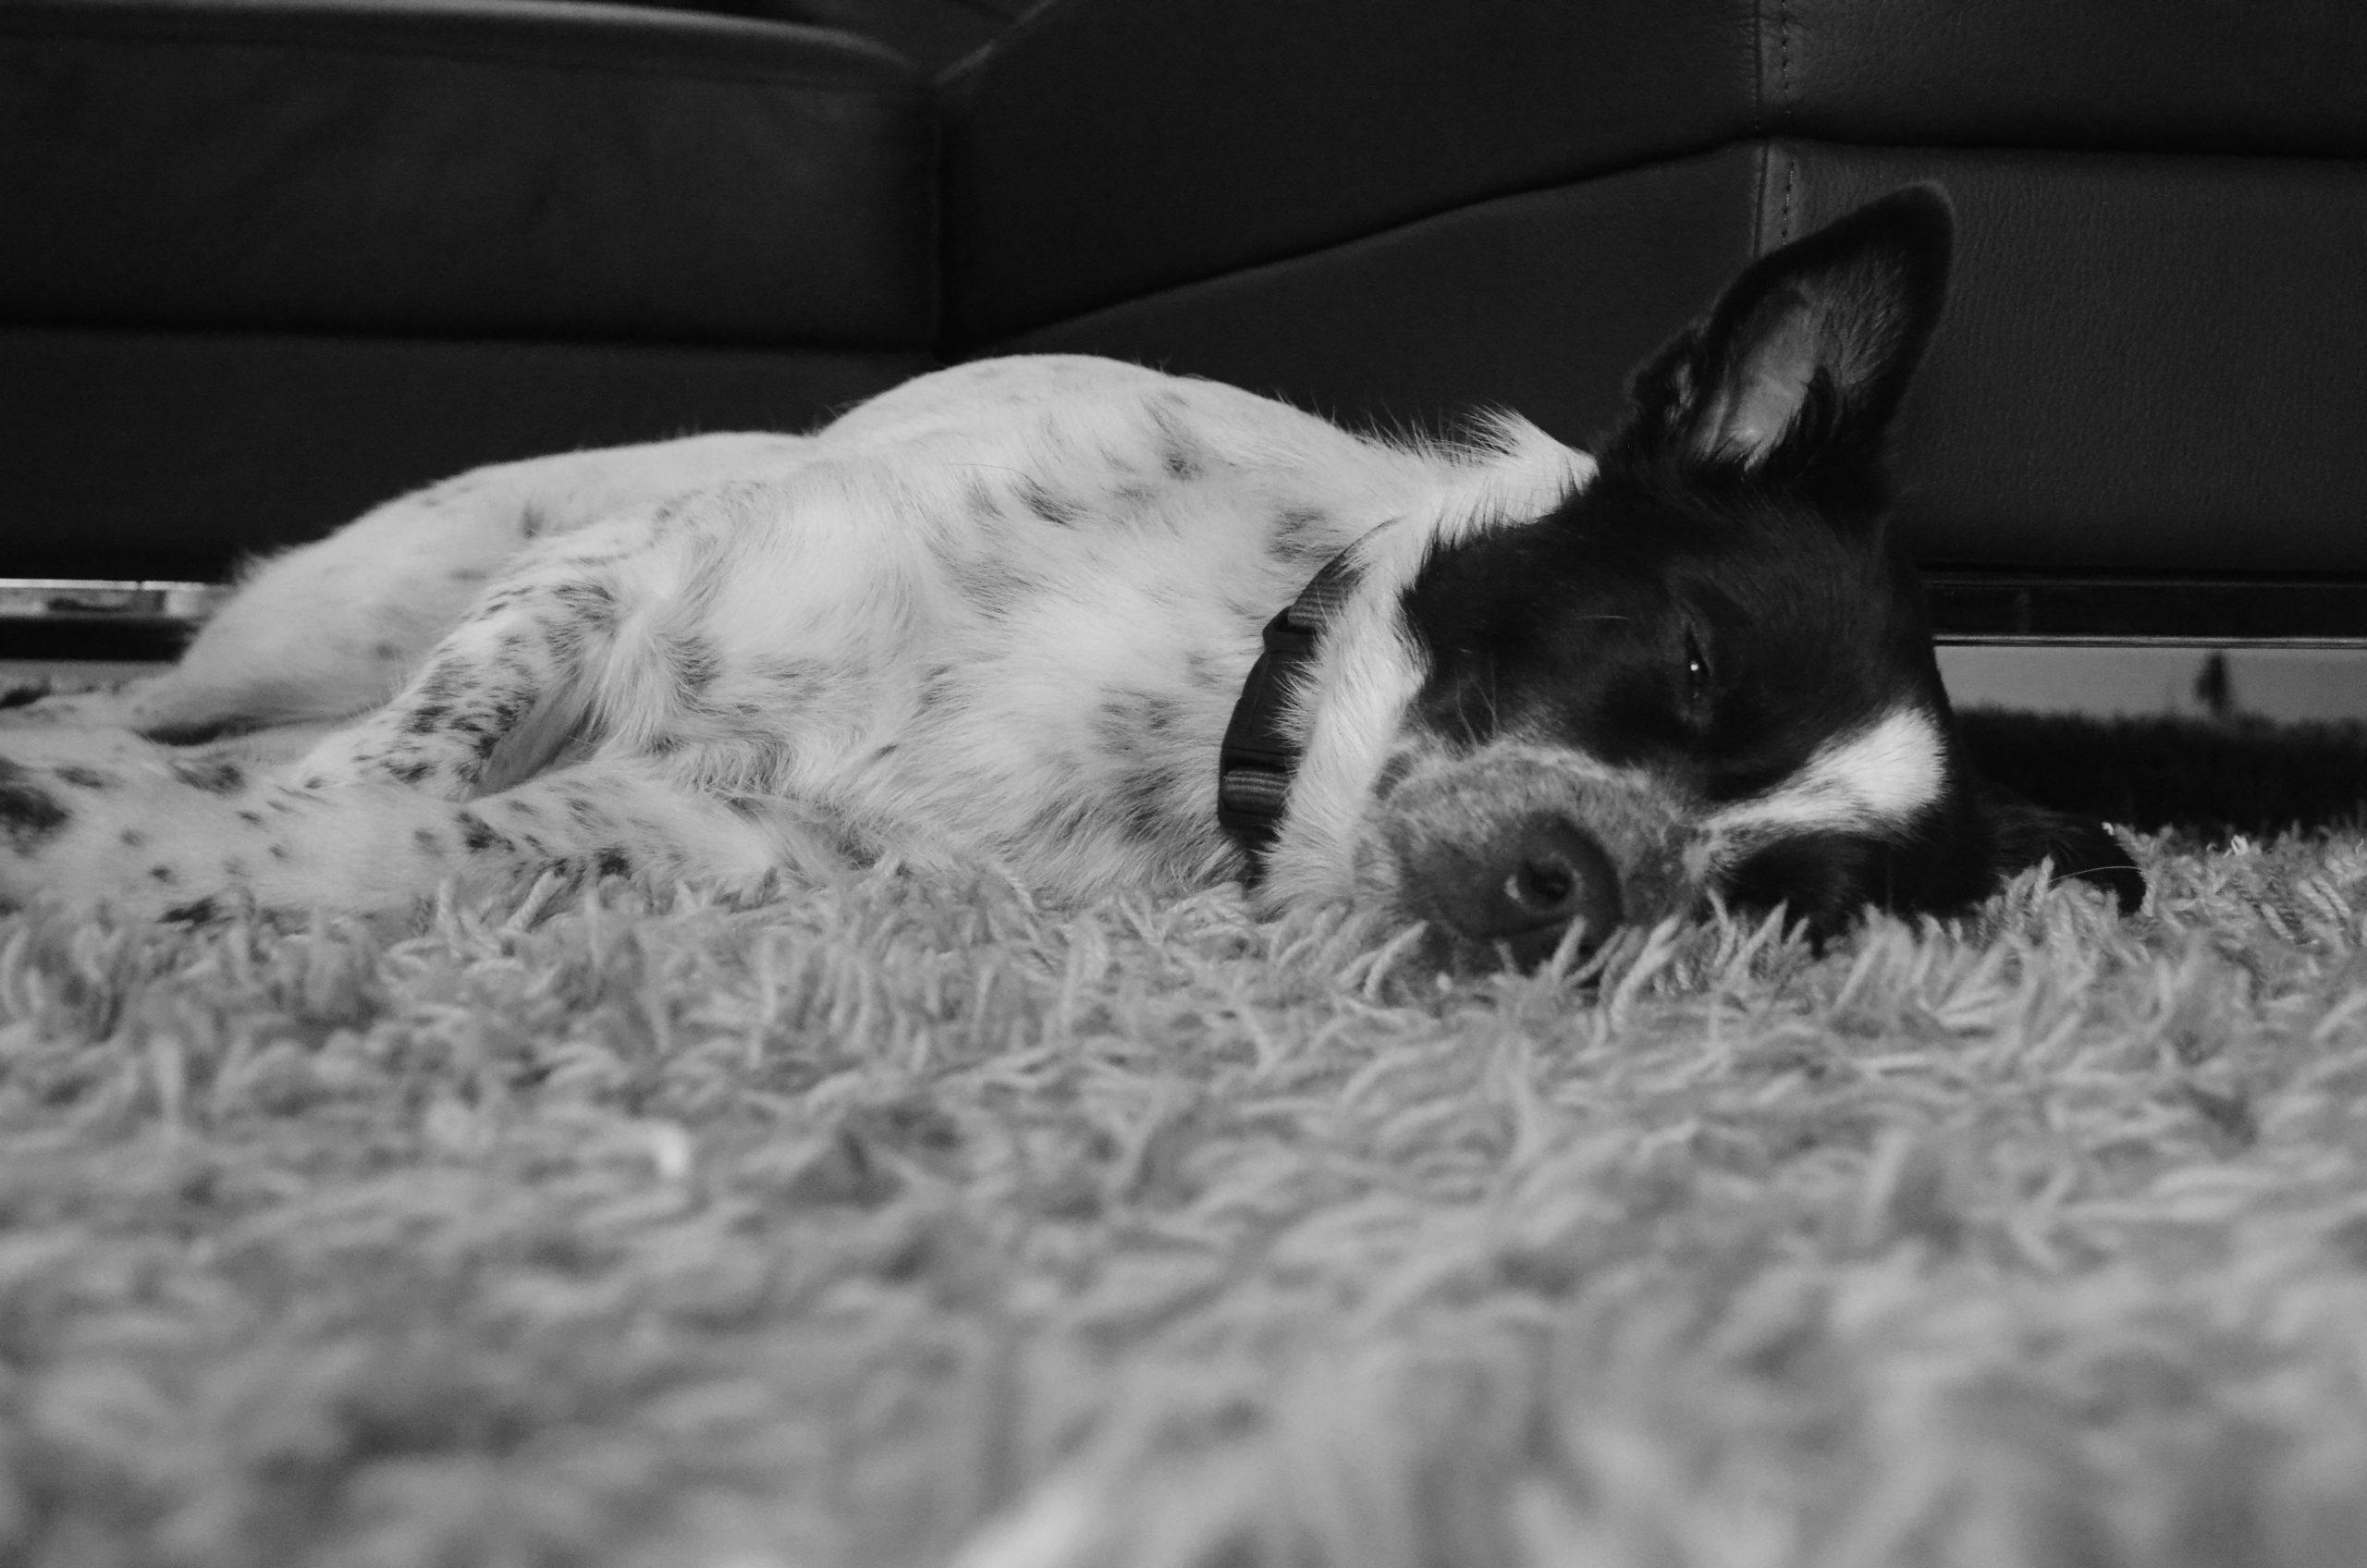 Gewalt in der Hundeerziehung – so findest du Wege raus aus deinen Verhaltensmustern